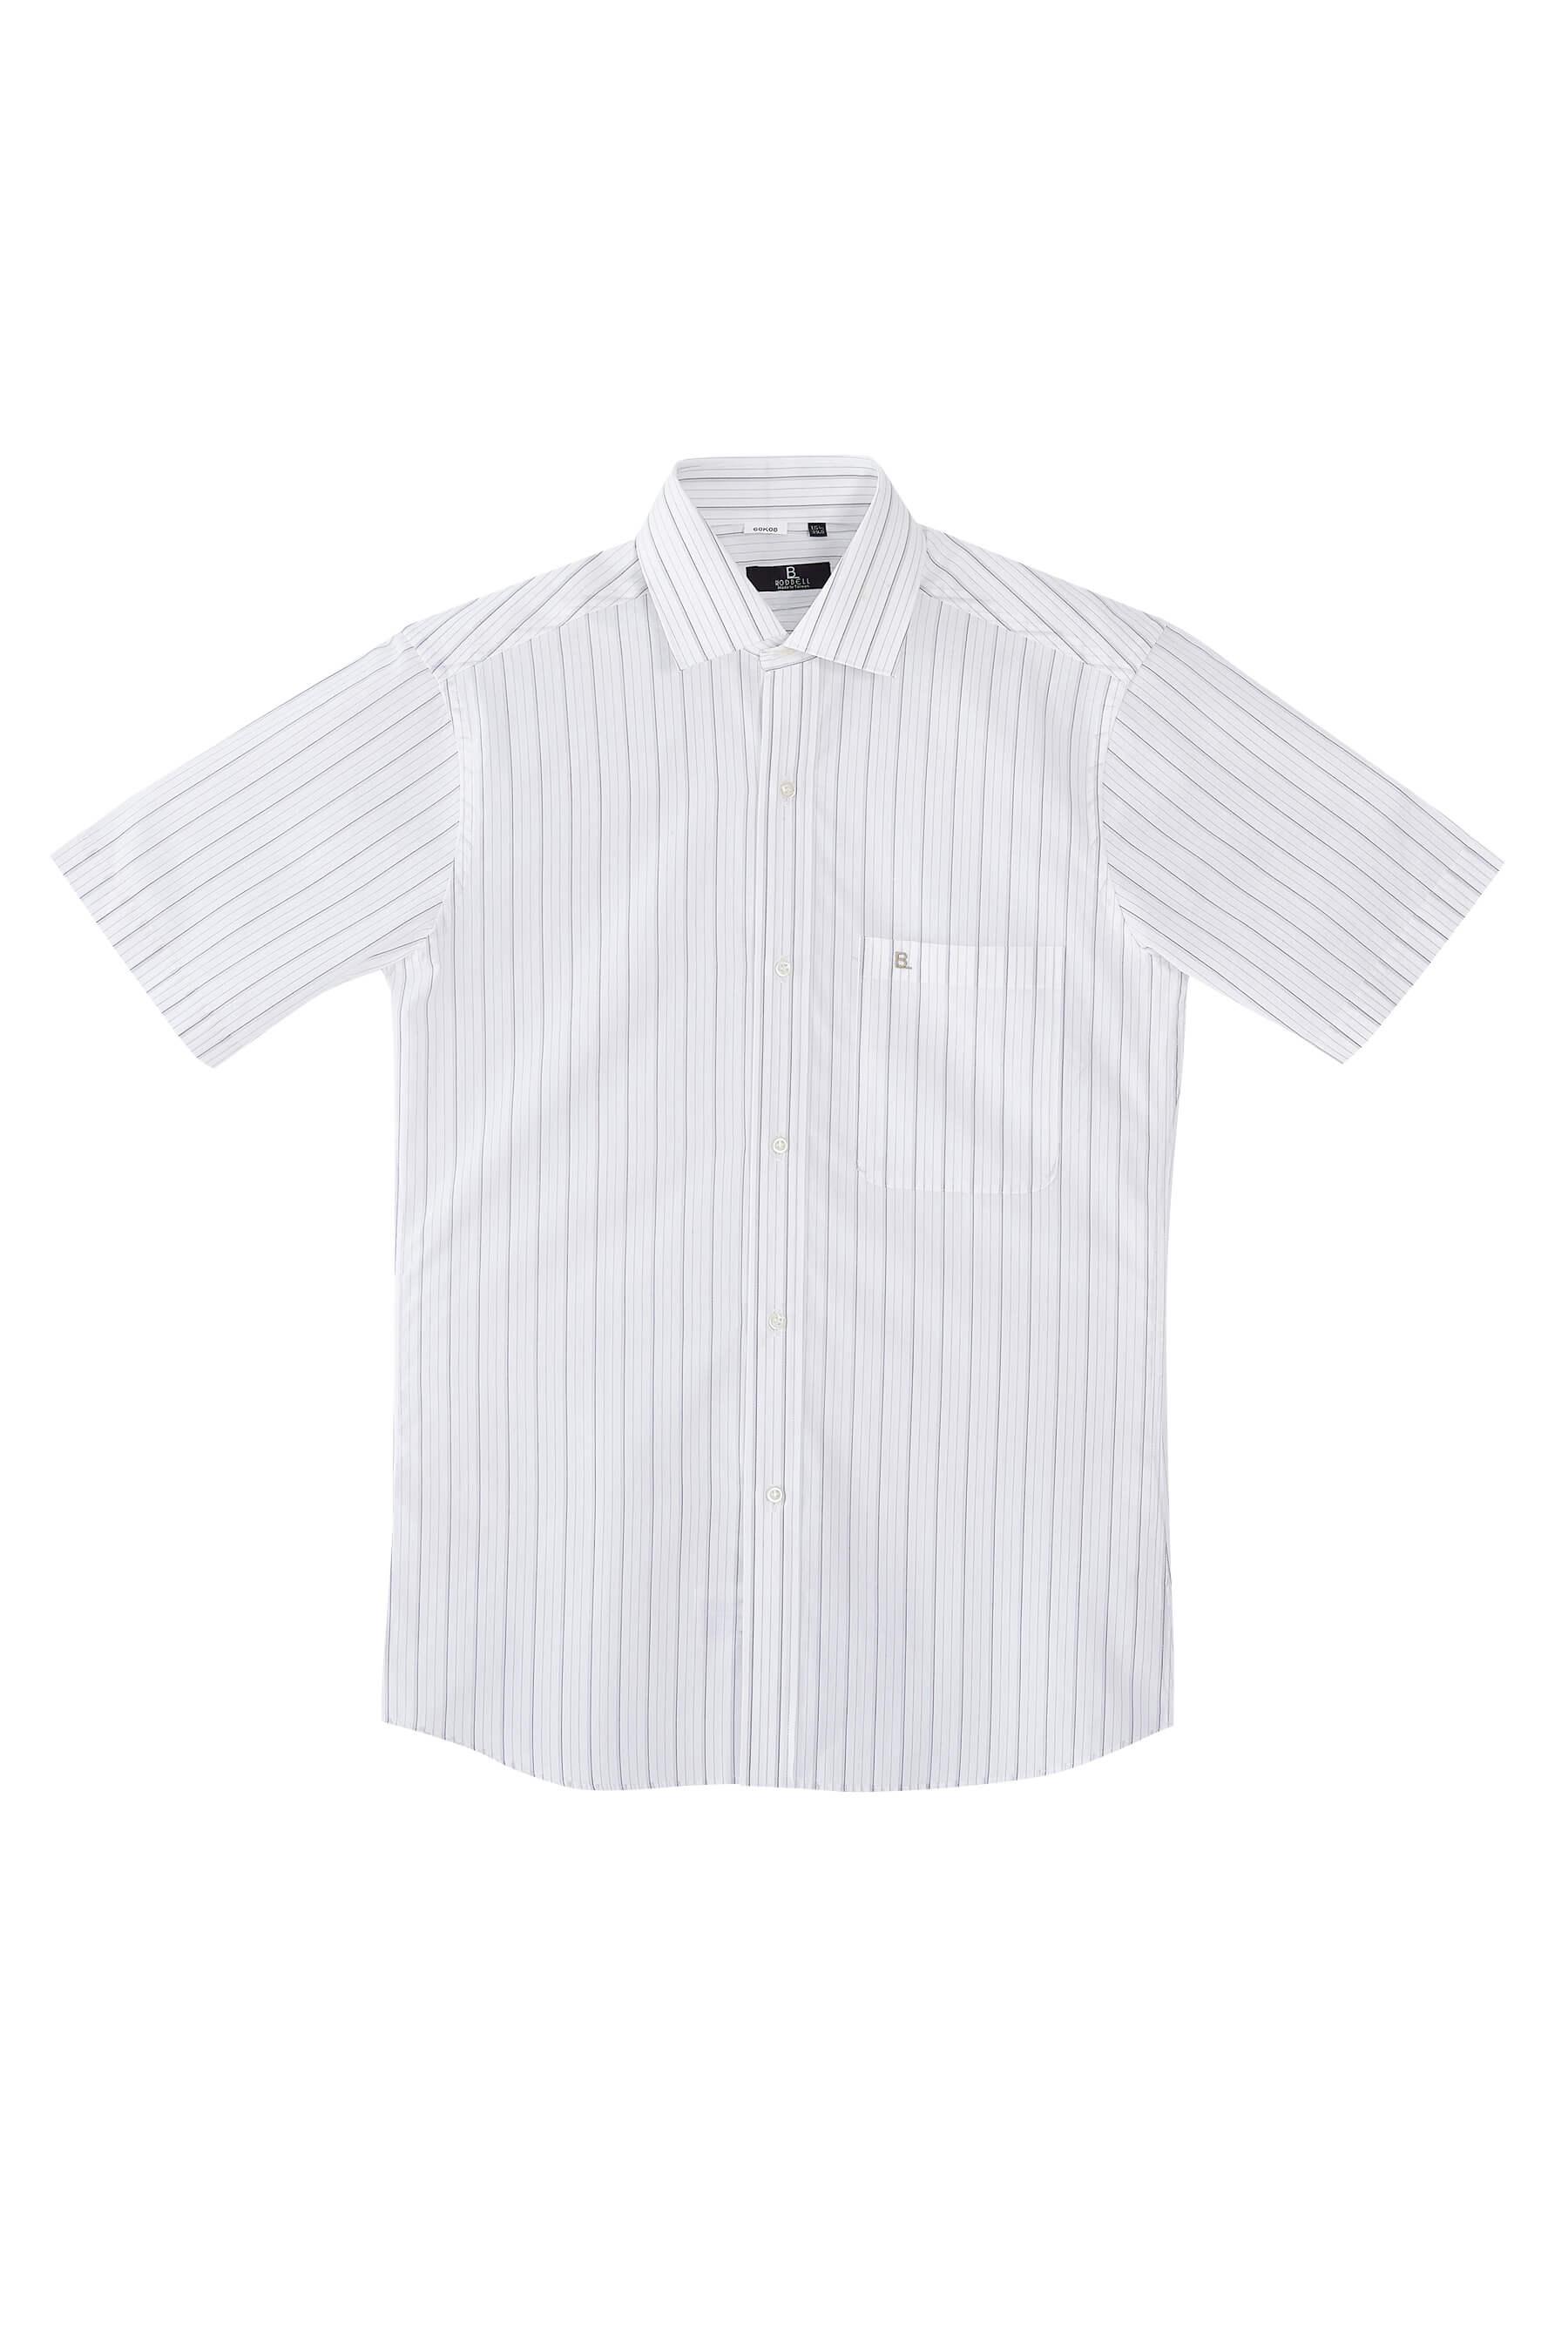 灰色條紋棉質短袖襯衫/舒適透氣